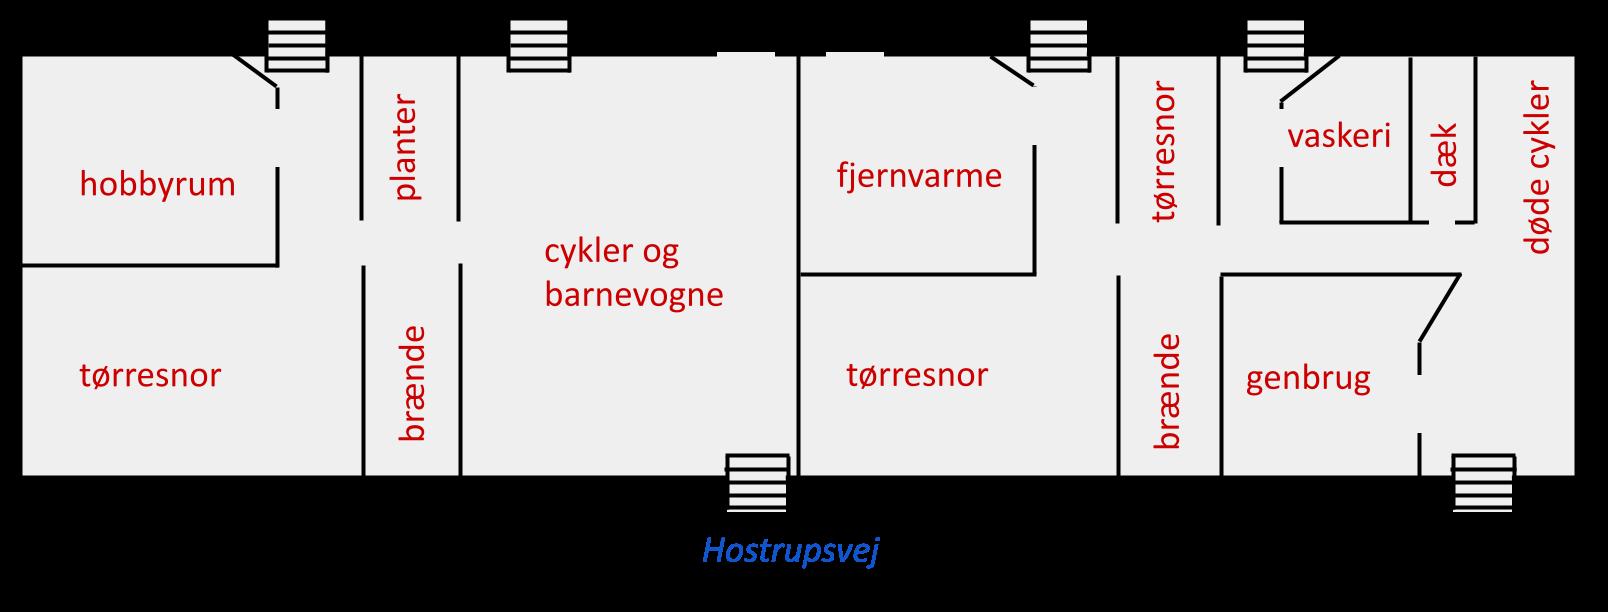 Kælderen på Hostrupsvej 12-14